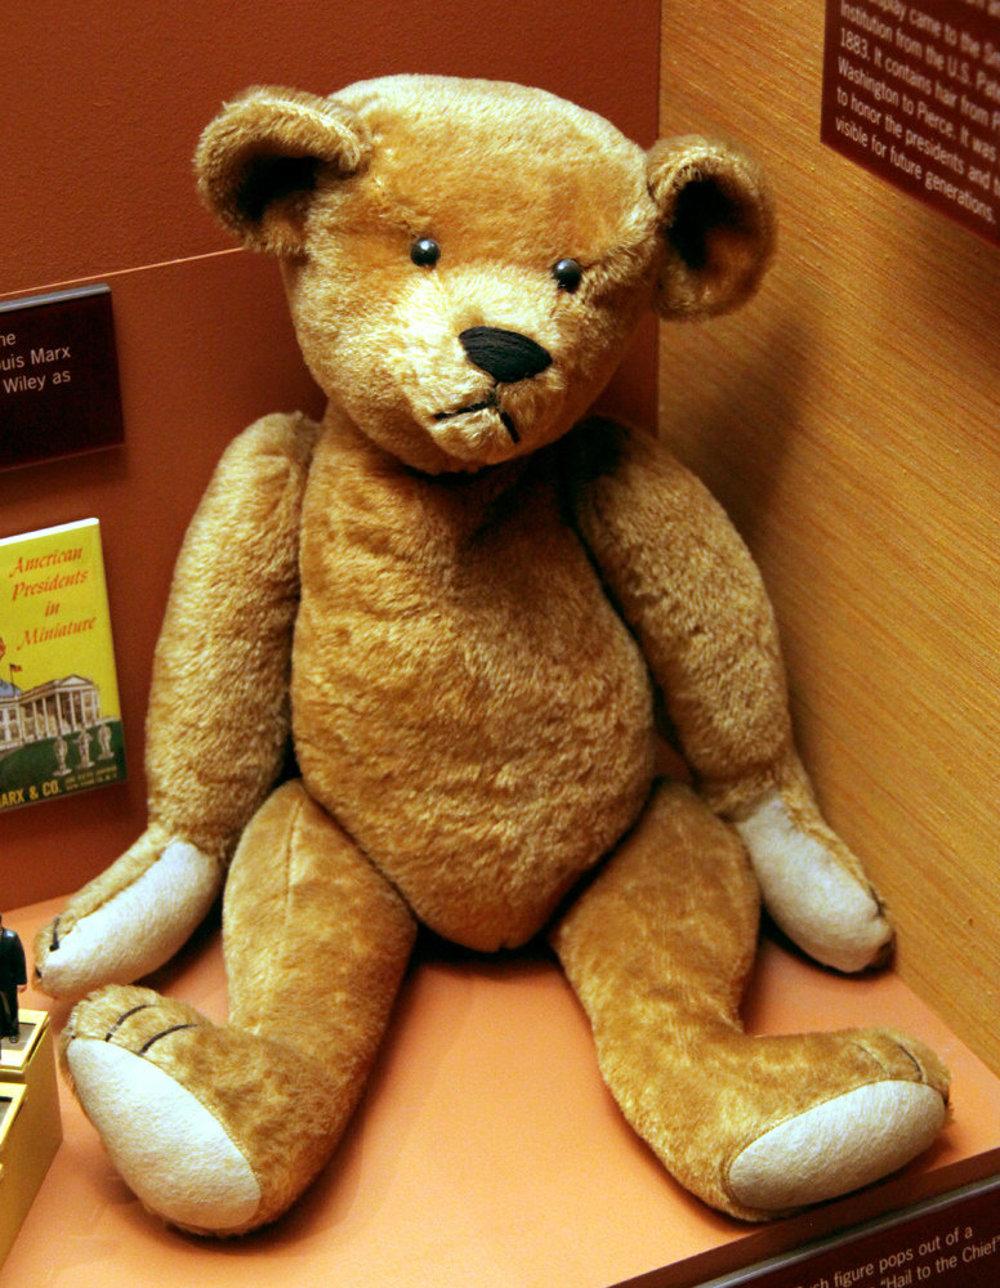 Takto vyzeral Teddy Bear v roku 1903. Tento originálny kus je uložený v The Smithsonian Museum of Natural History.